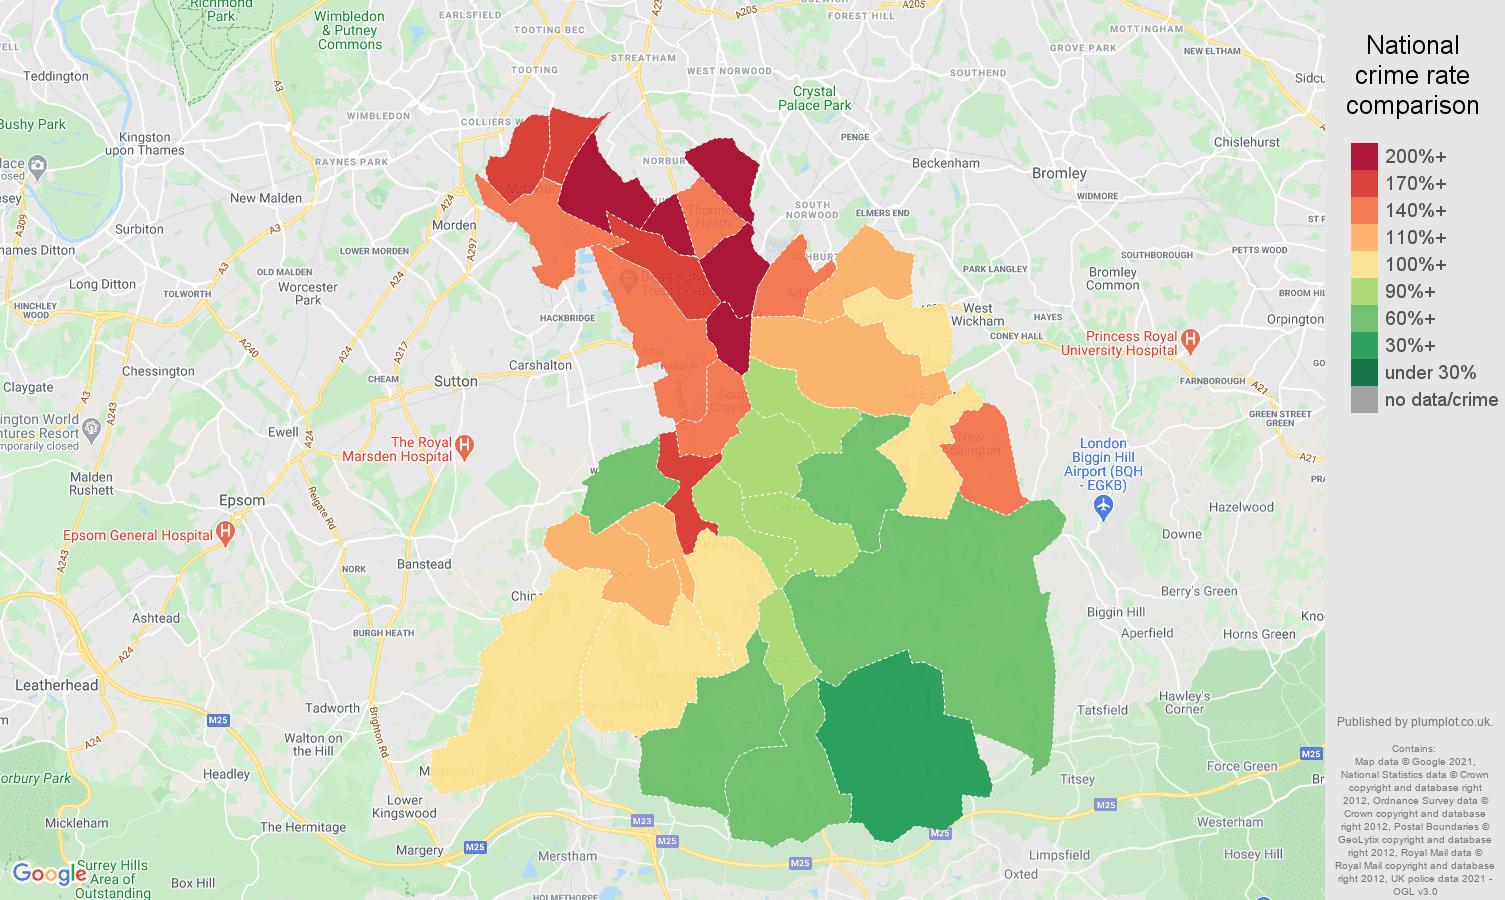 Croydon antisocial behaviour crime rate comparison map